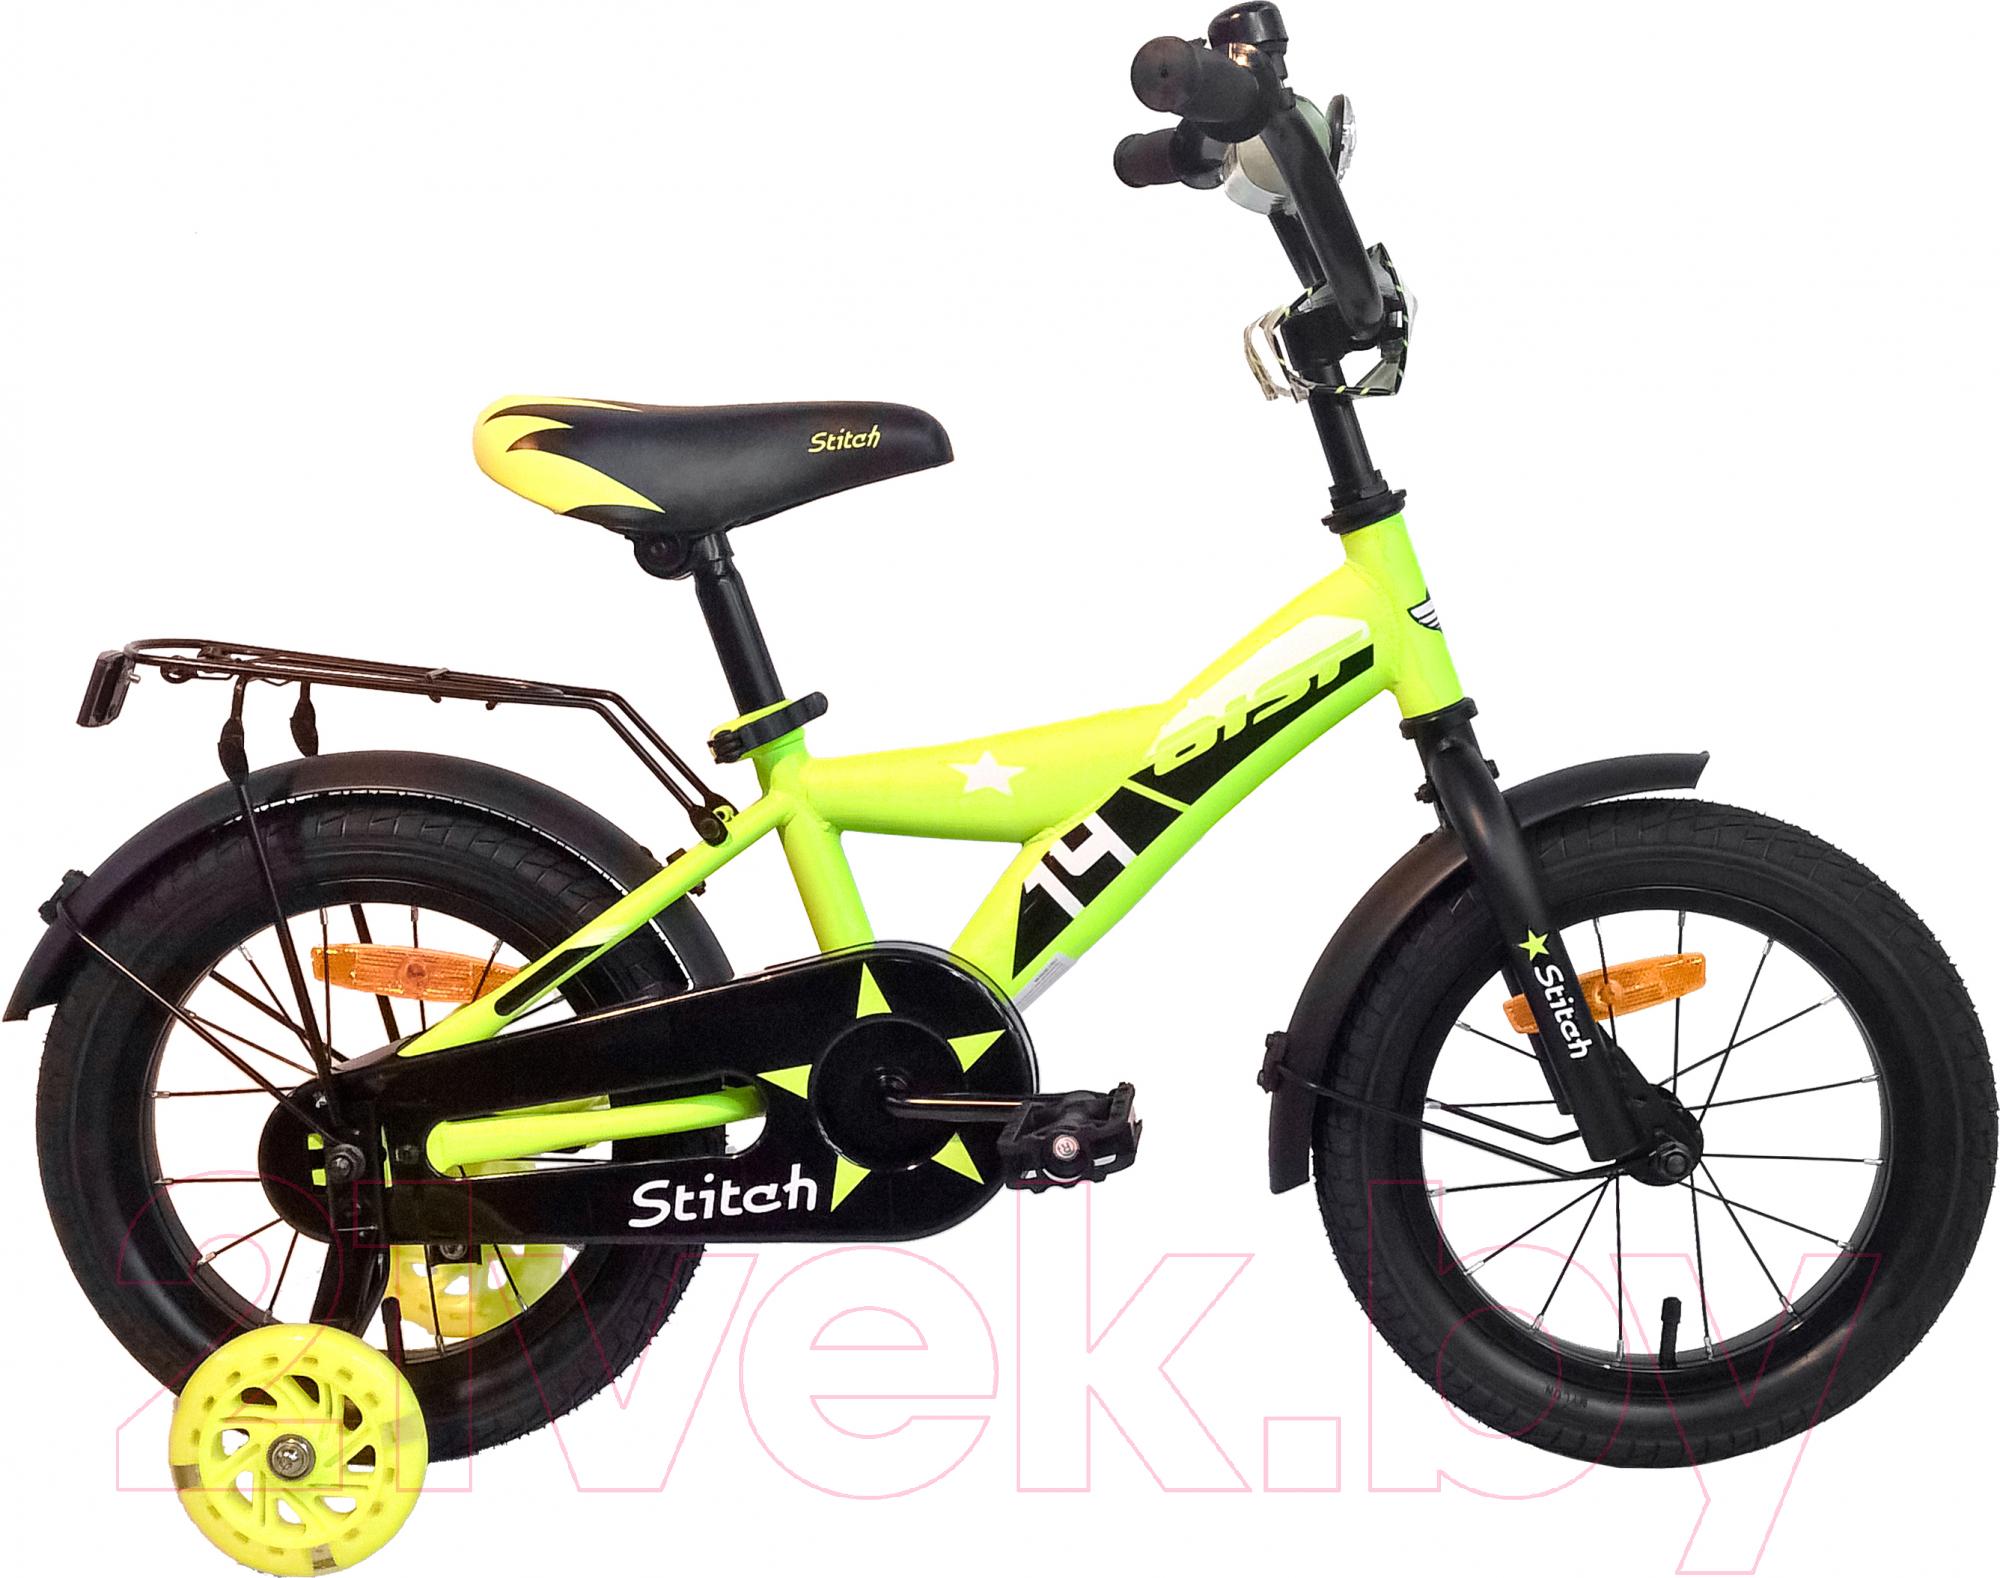 Купить Детский велосипед AIST, Stitch 2019 (14, желтый), Беларусь